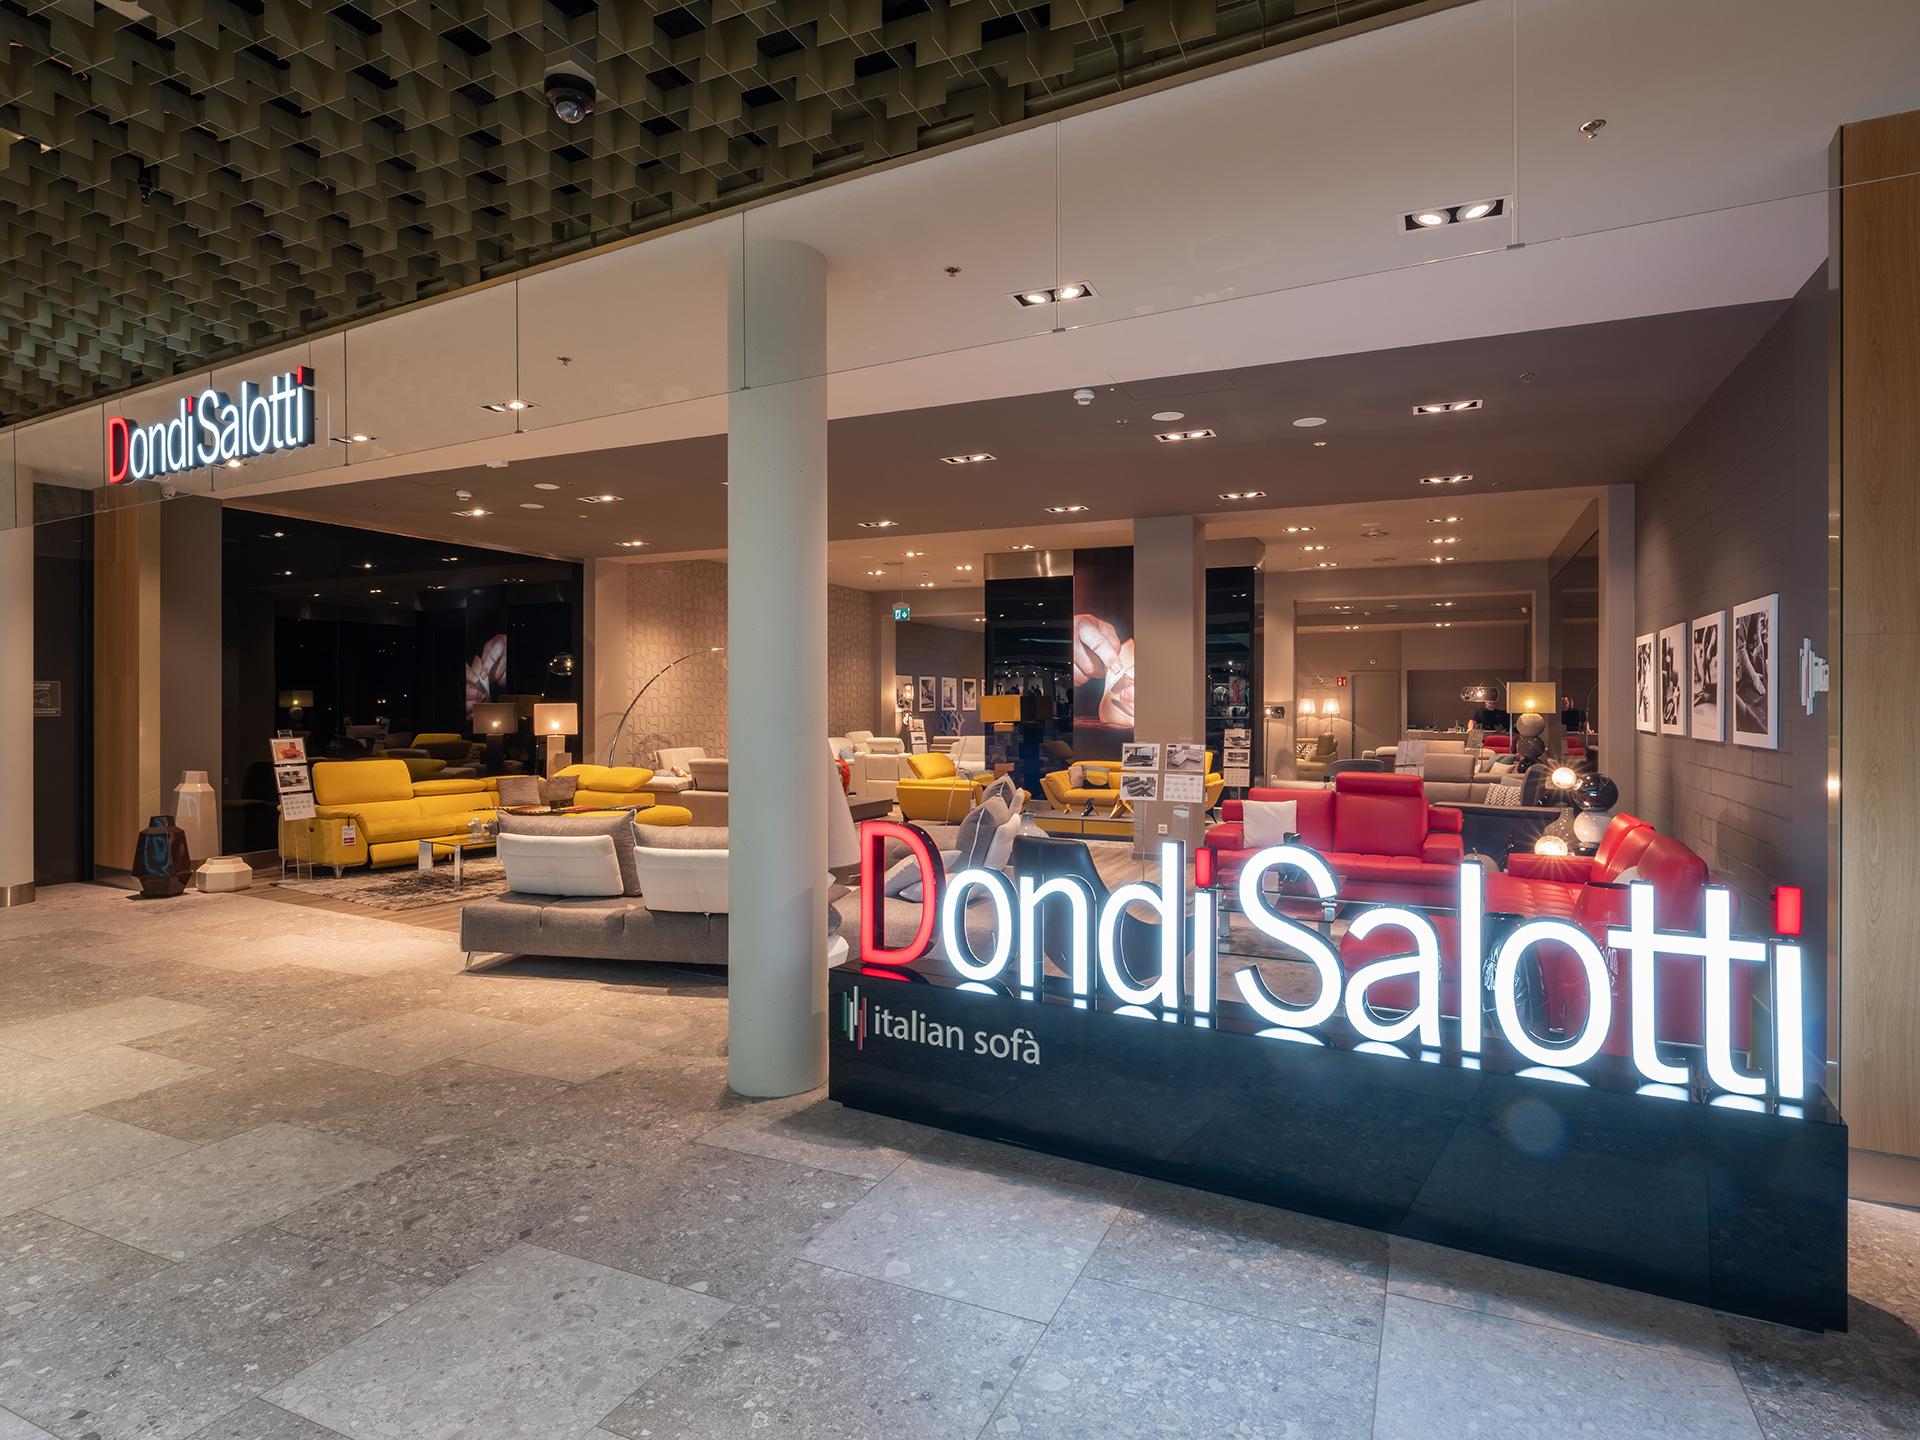 G4s e dondi salotti continua la collaborazione per l for Poltrone e sofa punti vendita